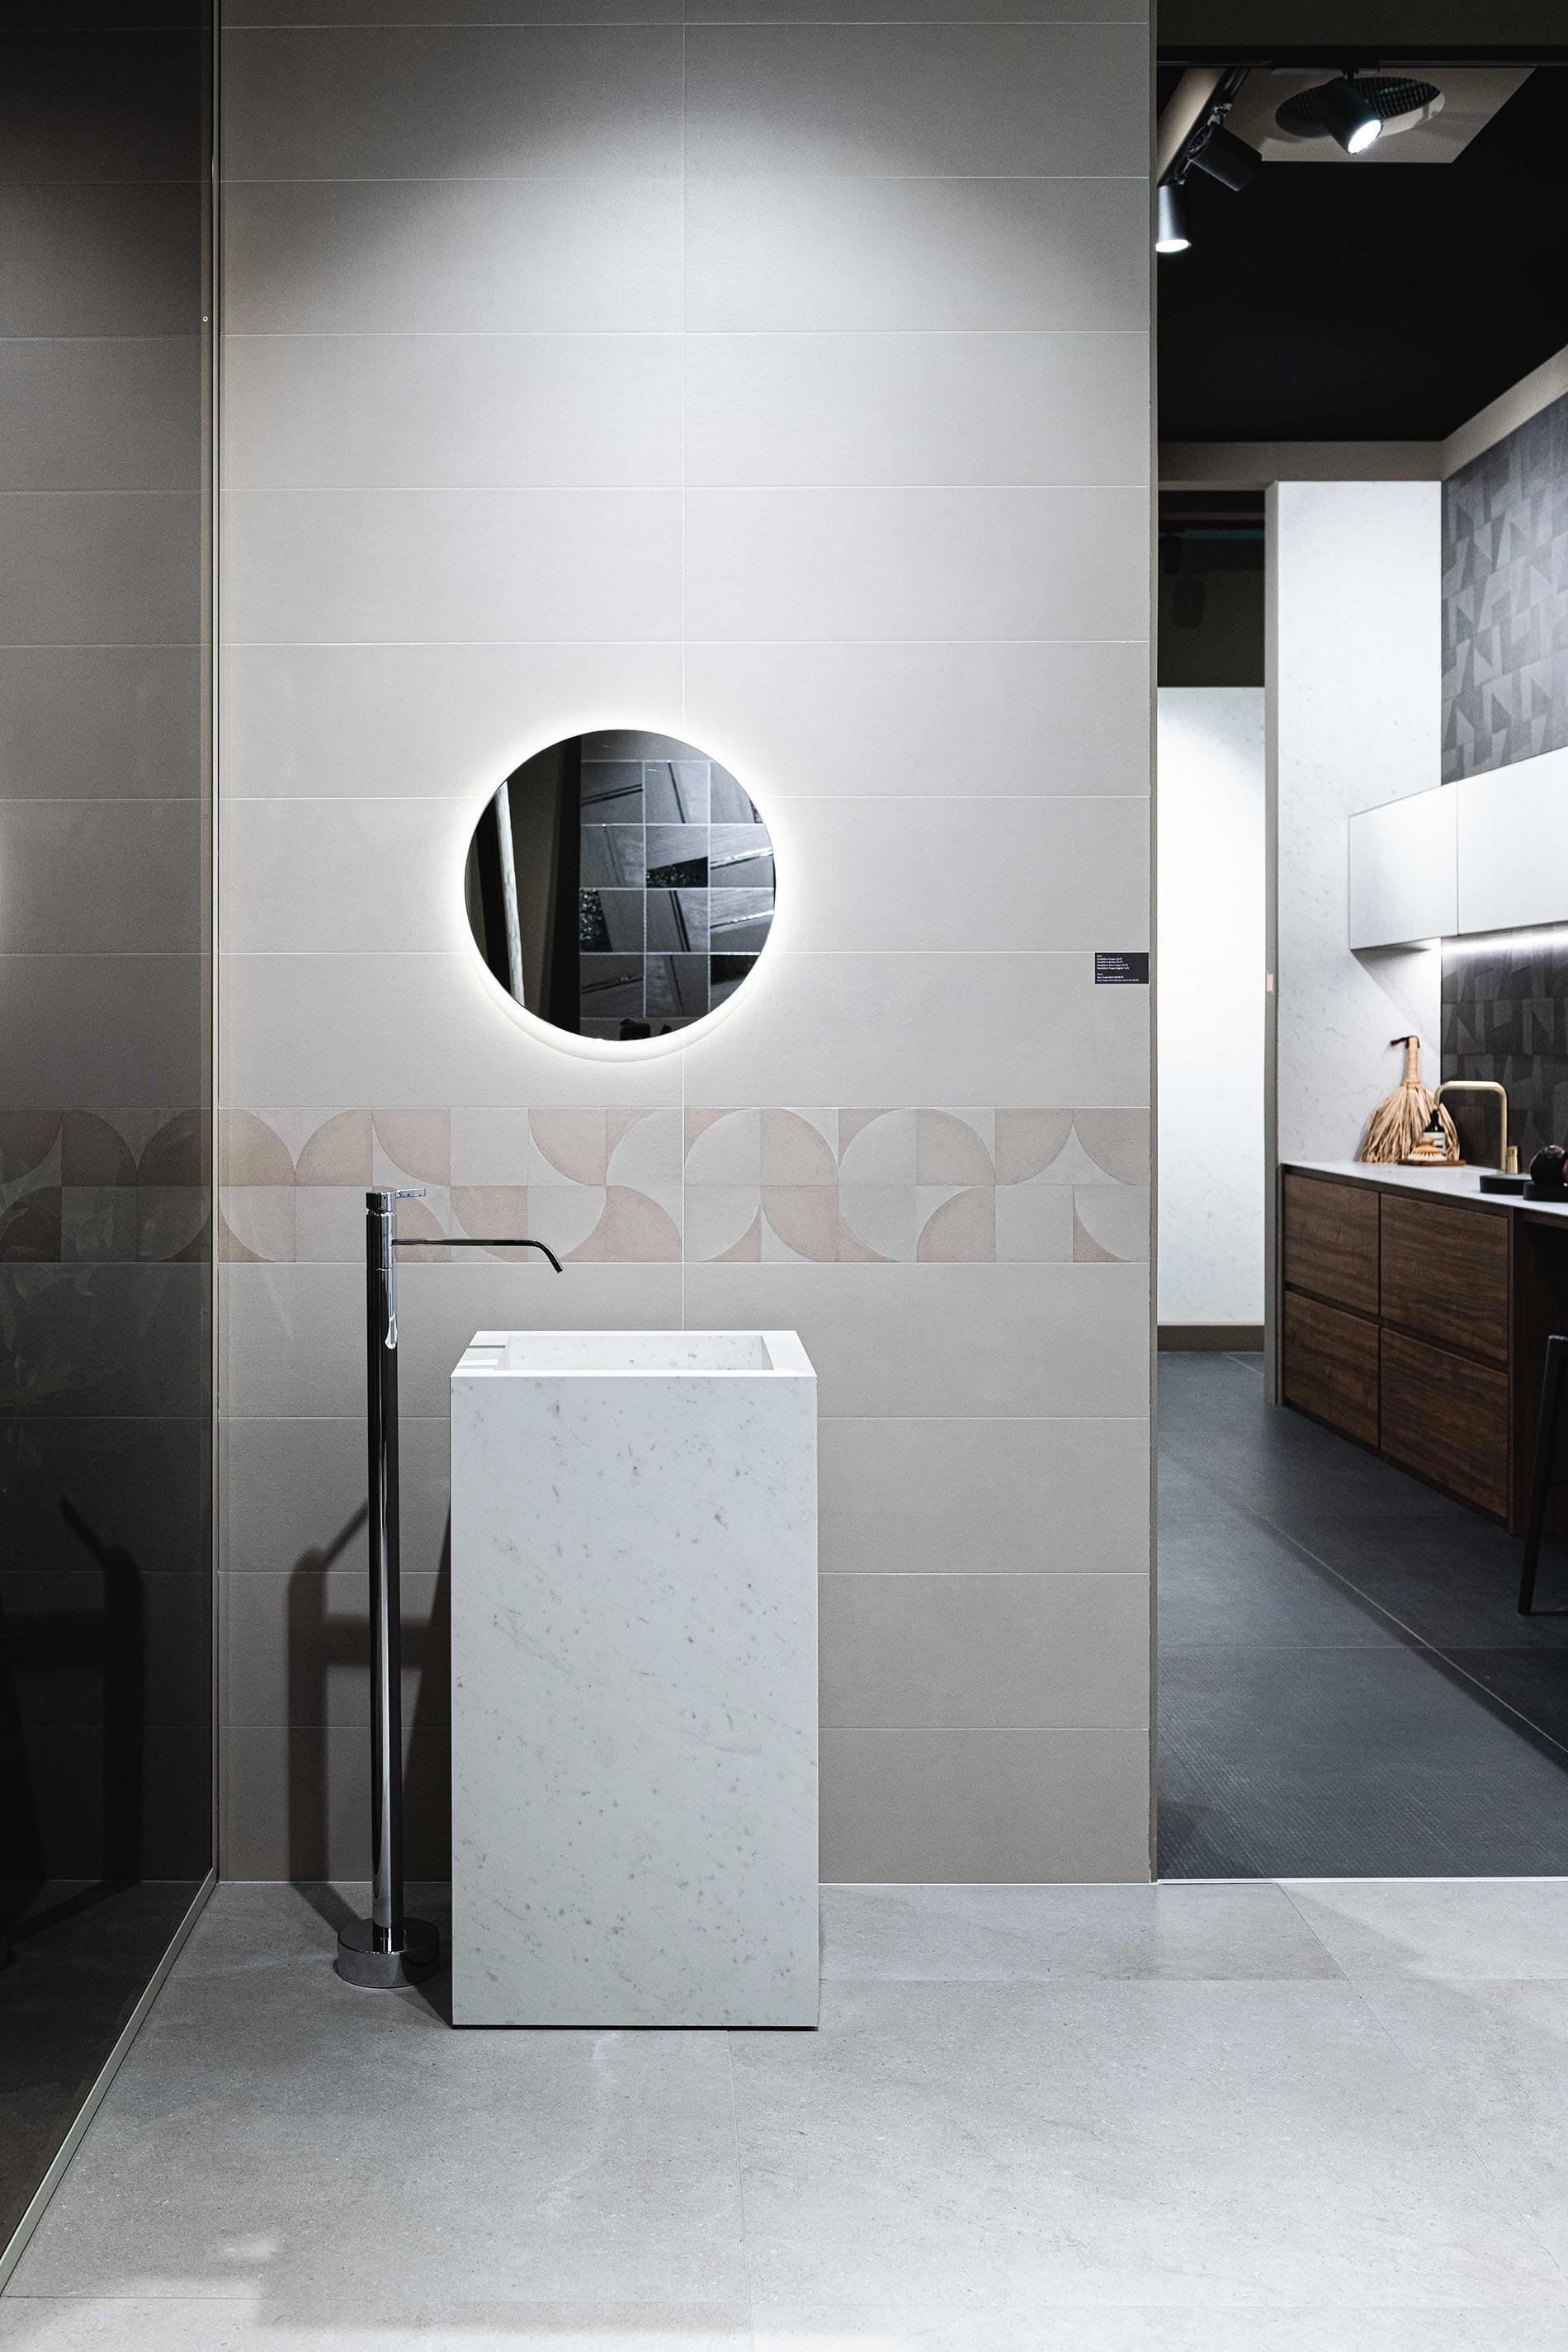 piastrelle in pasta bianca in bagno specchio tondo bagno a colonna